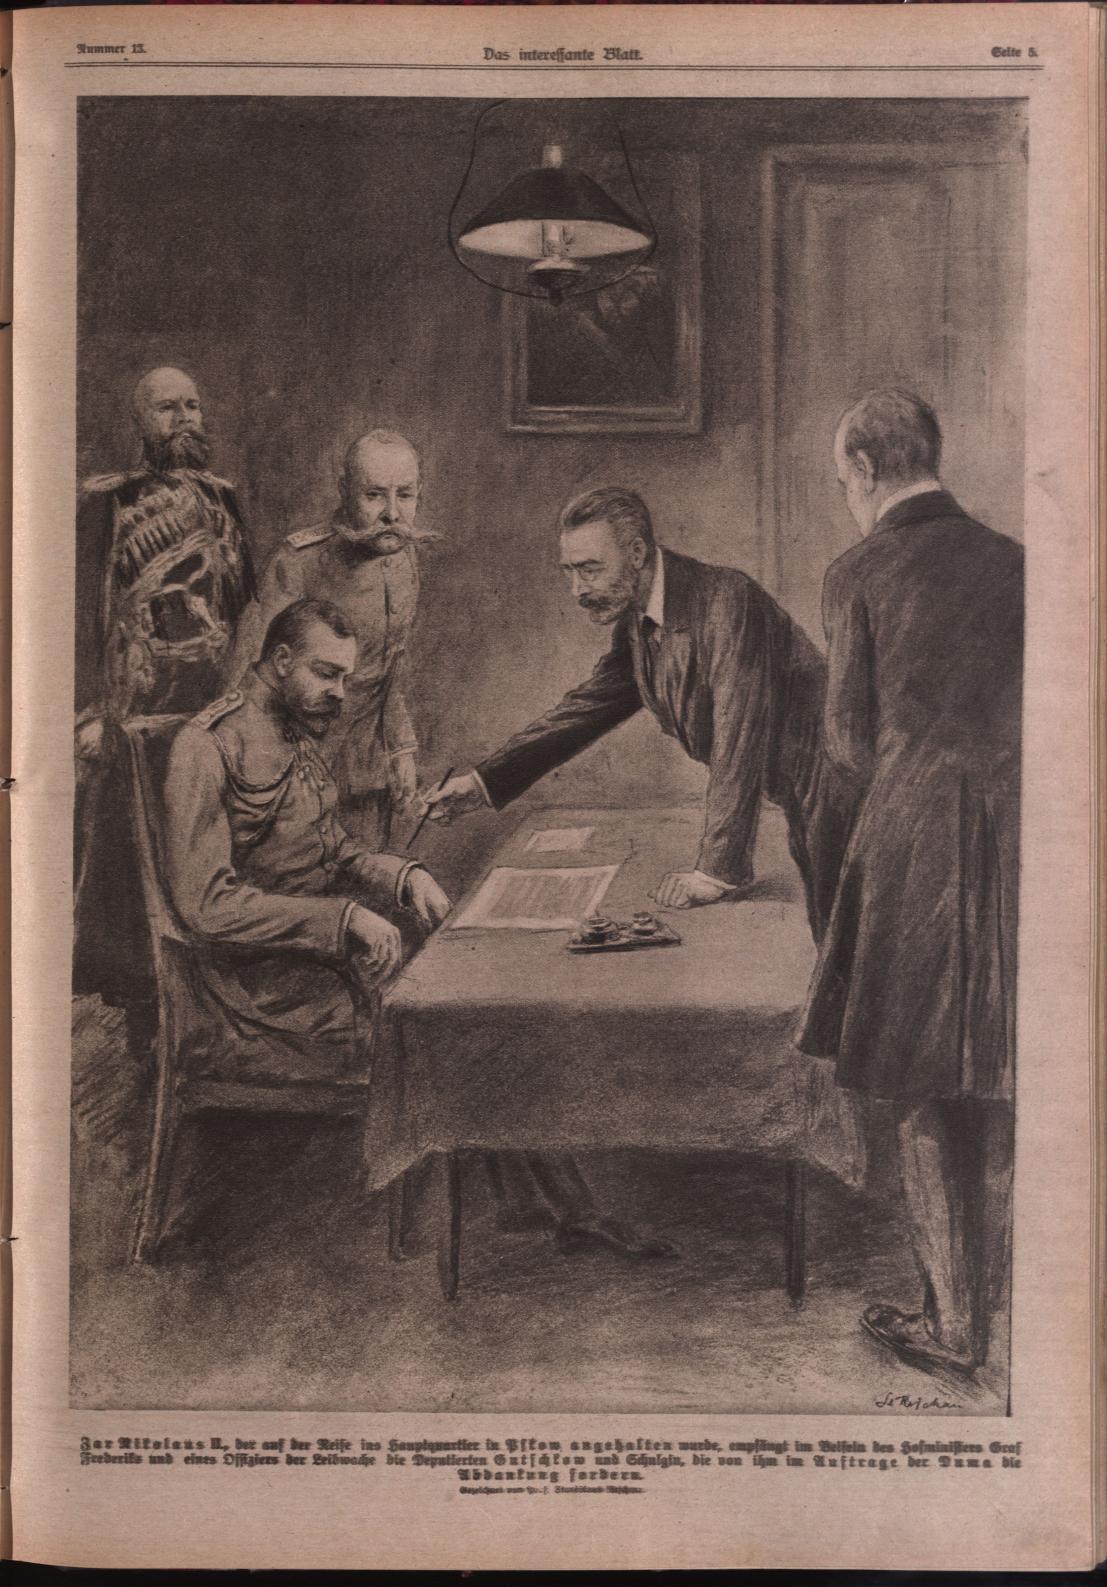 Das Interessante Blatt: the abdication of Tsar Nicolas II (Collection National Library Austria).